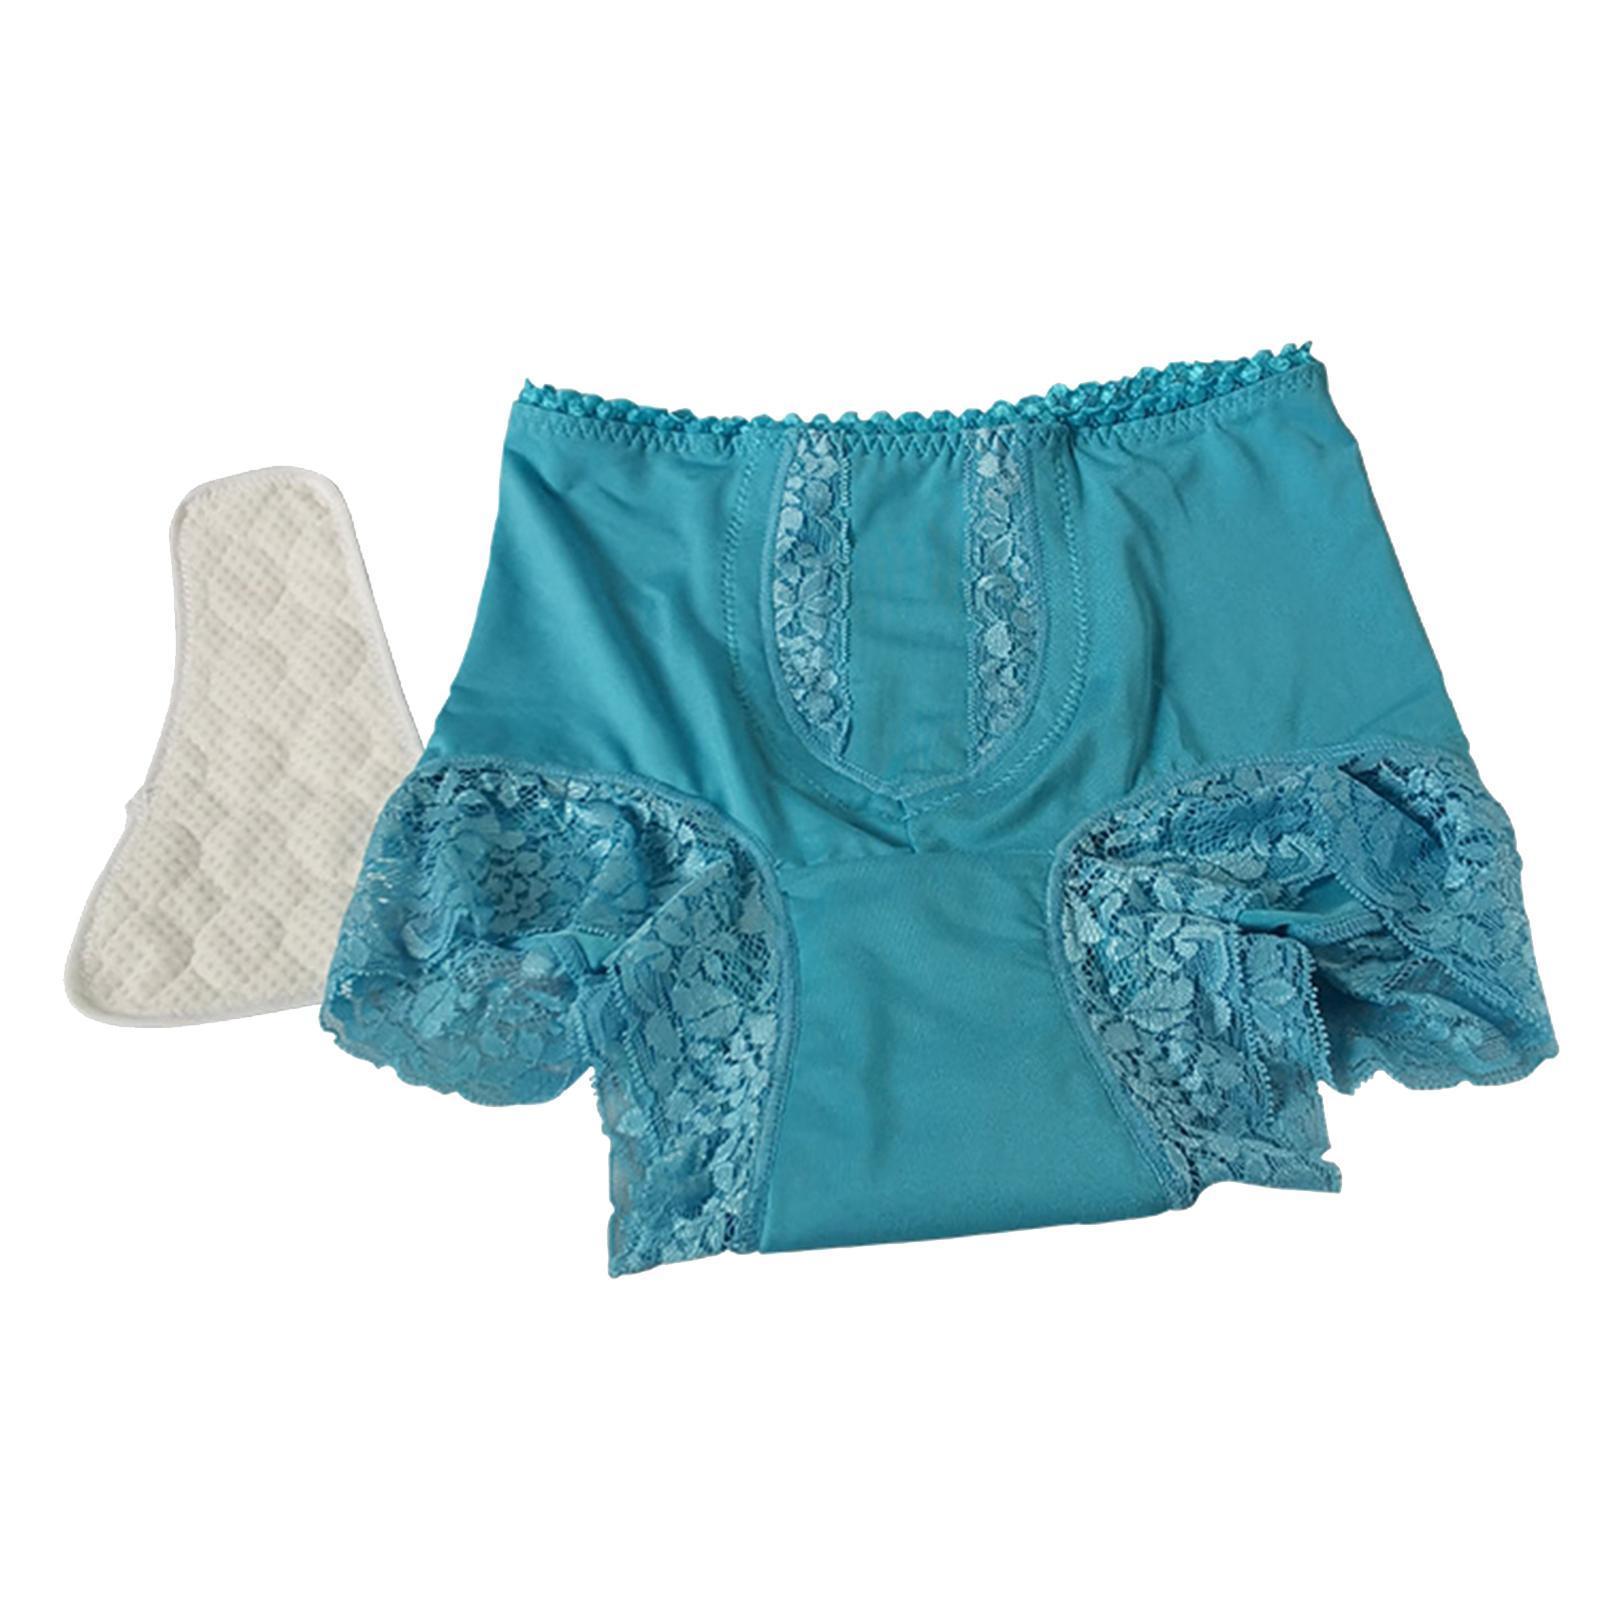 Indexbild 30 - Wiederverwendbare Inkontinenz Unterwäsche mit Pad für Frauen Menstruations